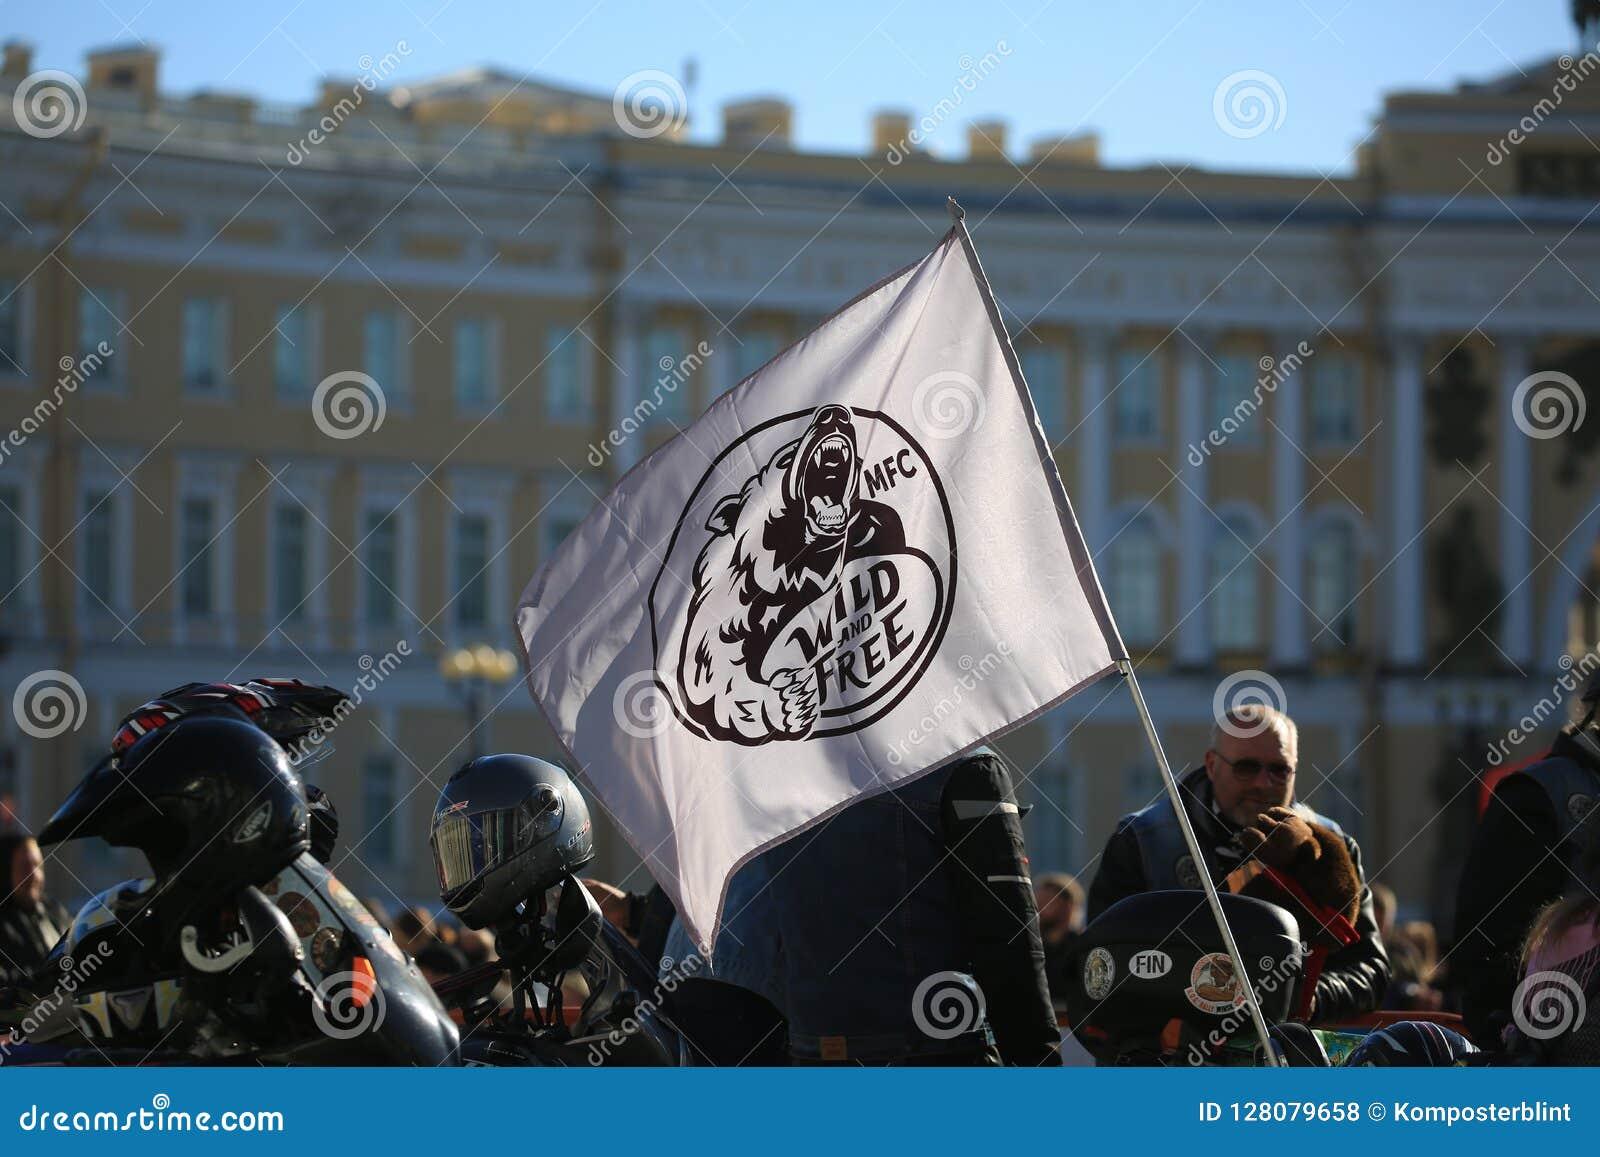 De mensen en de vlag van Wilde en Vrije moto fanats knuppelen tegen de achtergrond van het Algemene Personeelsgebouw